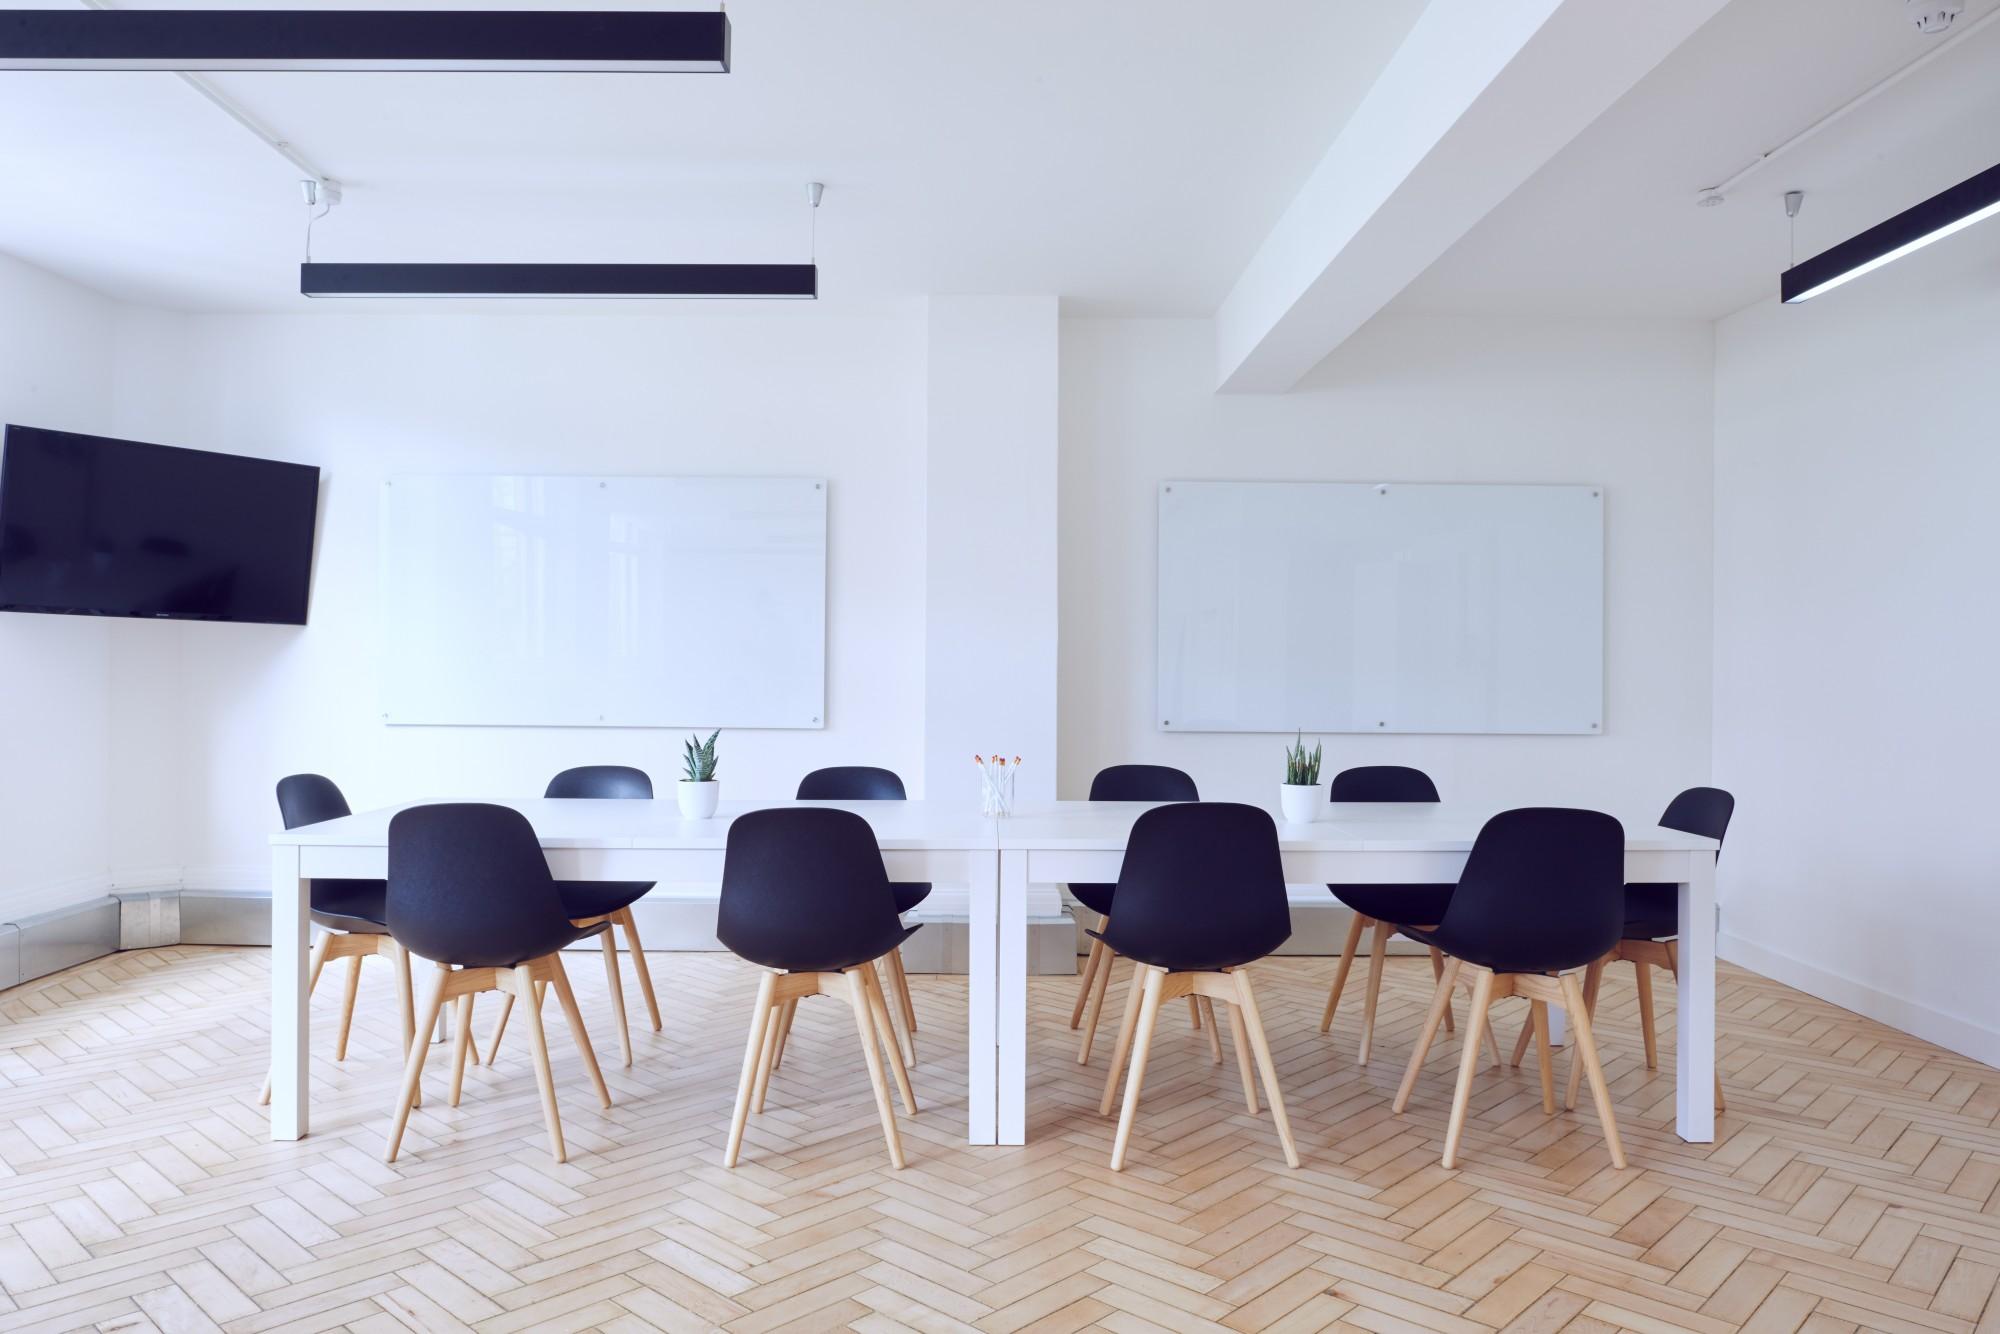 עריכת קבוצת מיקוד במקום מותאם, תורמת לריכוז ונוחות המשתתפים ובכך לשיח פורה יותר.